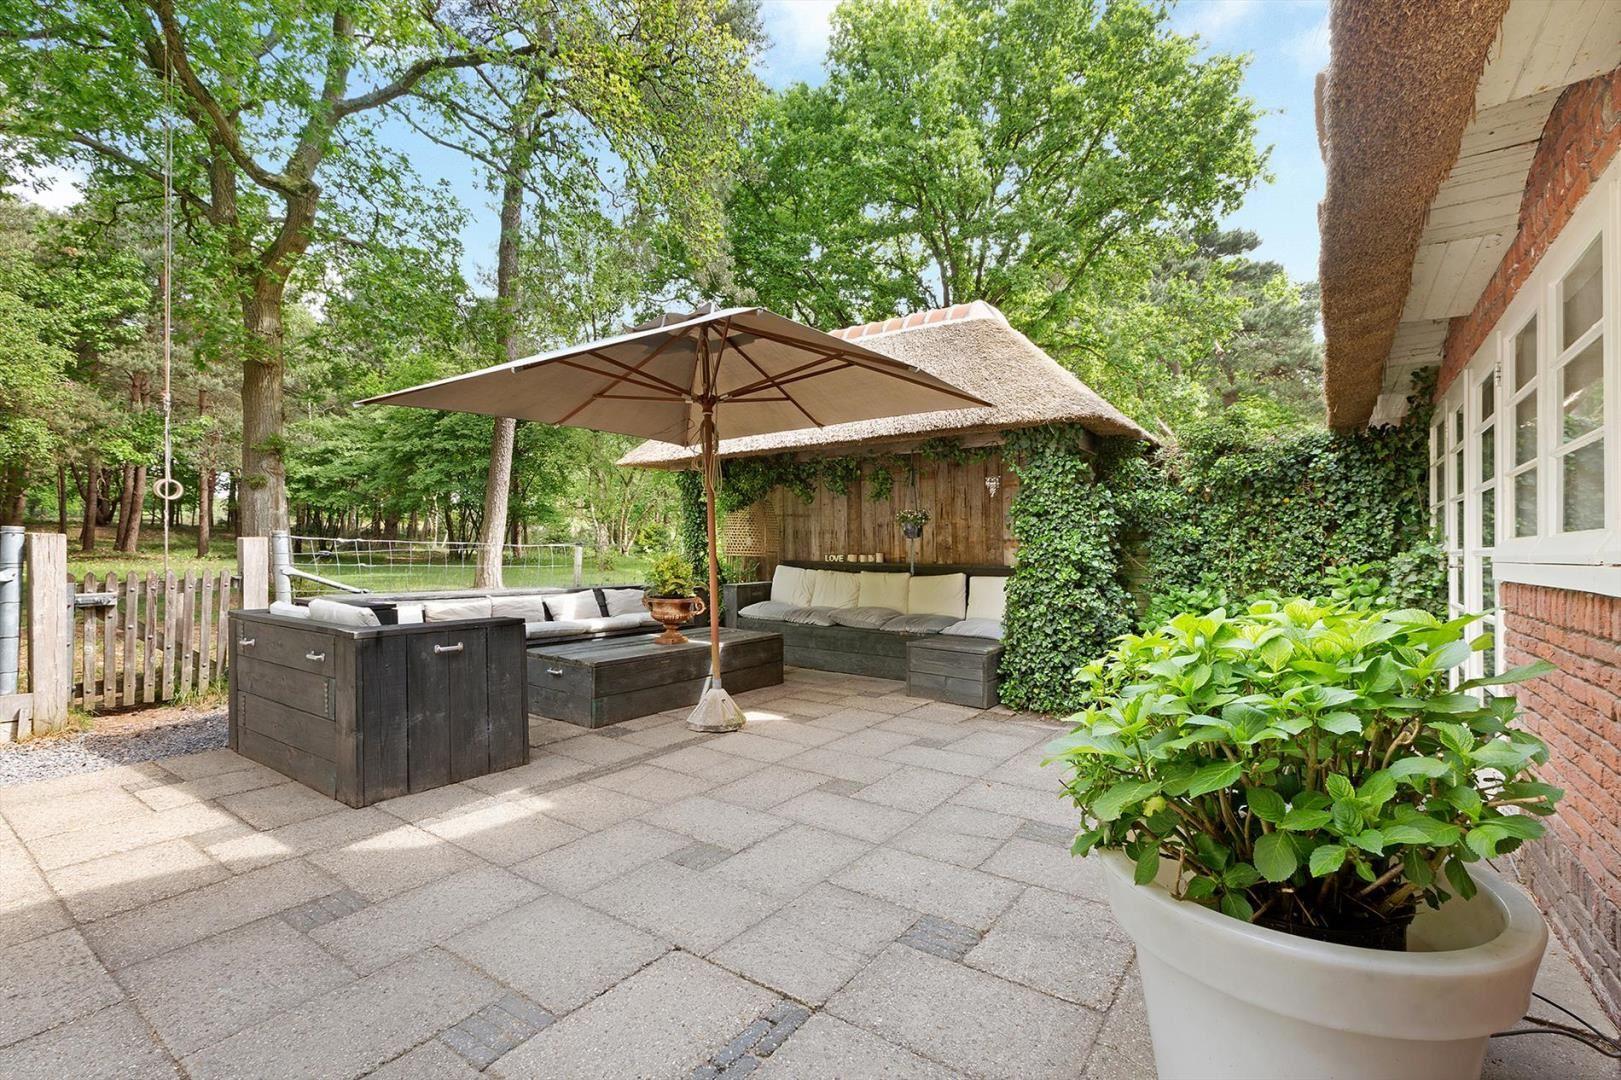 терраса уличная садовая мебель зонт